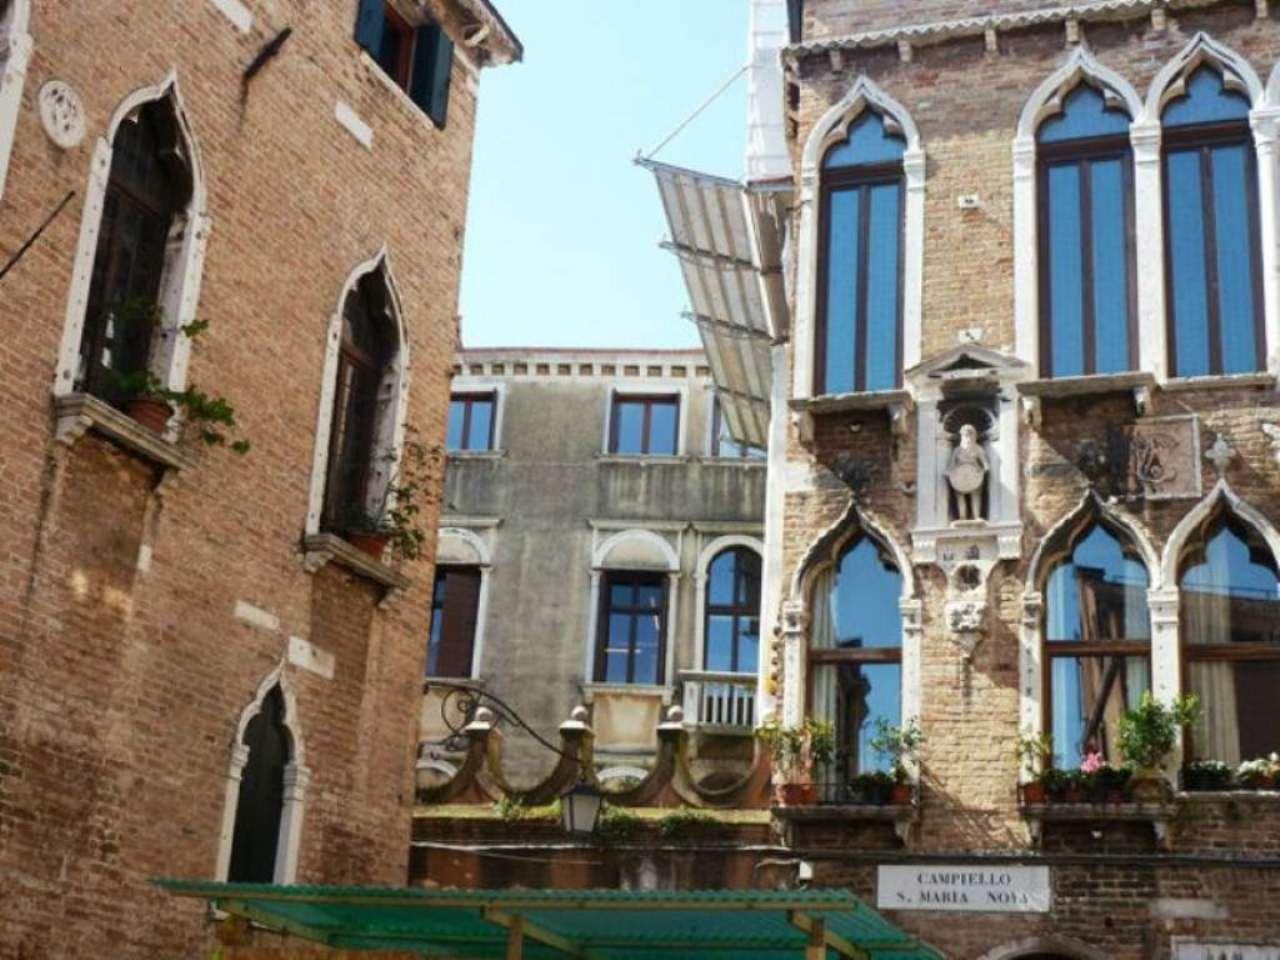 Attico / Mansarda in vendita a Venezia, 4 locali, zona Zona: 5 . San Marco, prezzo € 850.000 | Cambio Casa.it